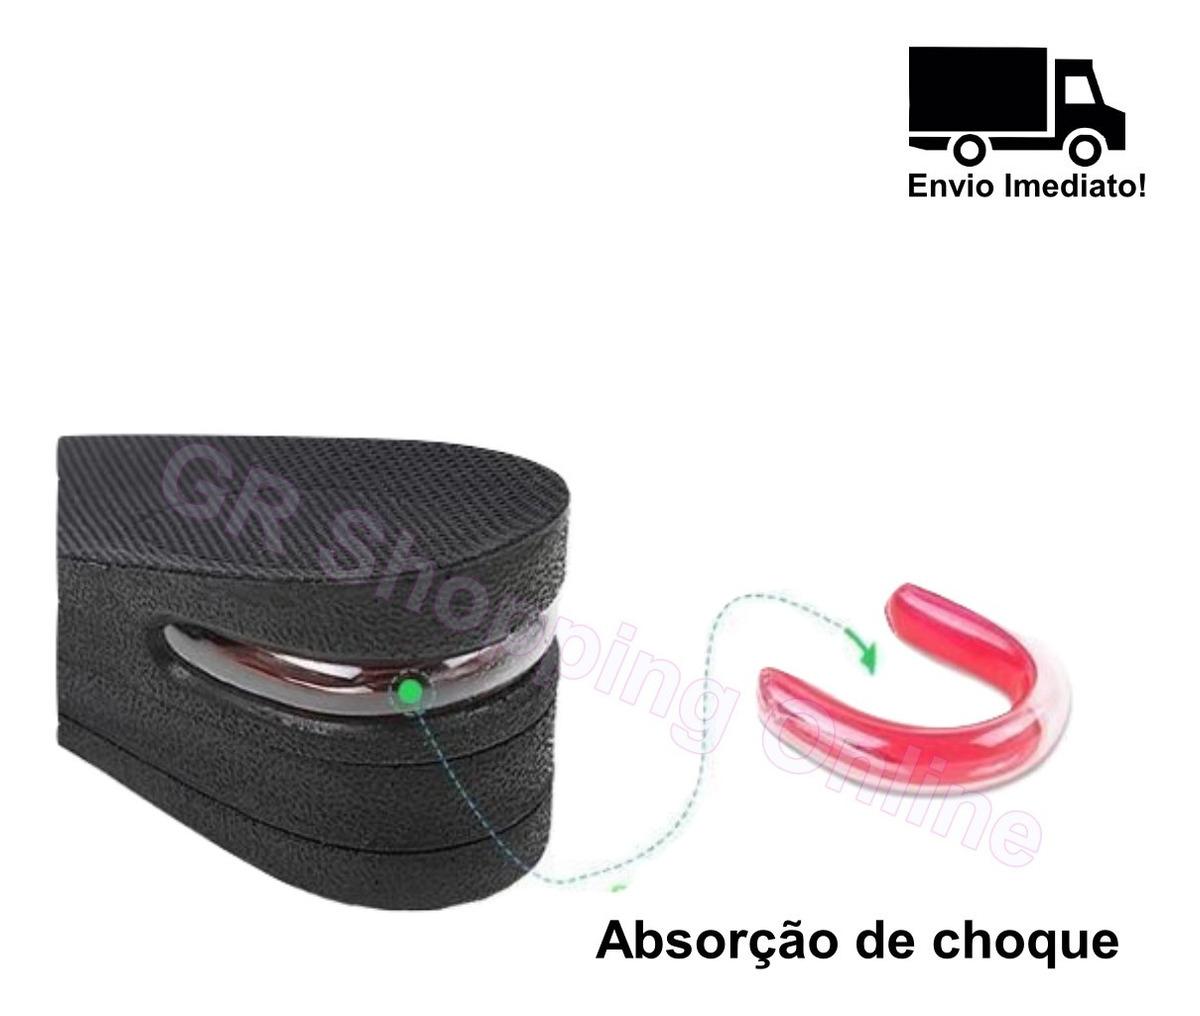 Palmilha Calcanhar Em Silicone Gel Ortopédica Anti-impacto